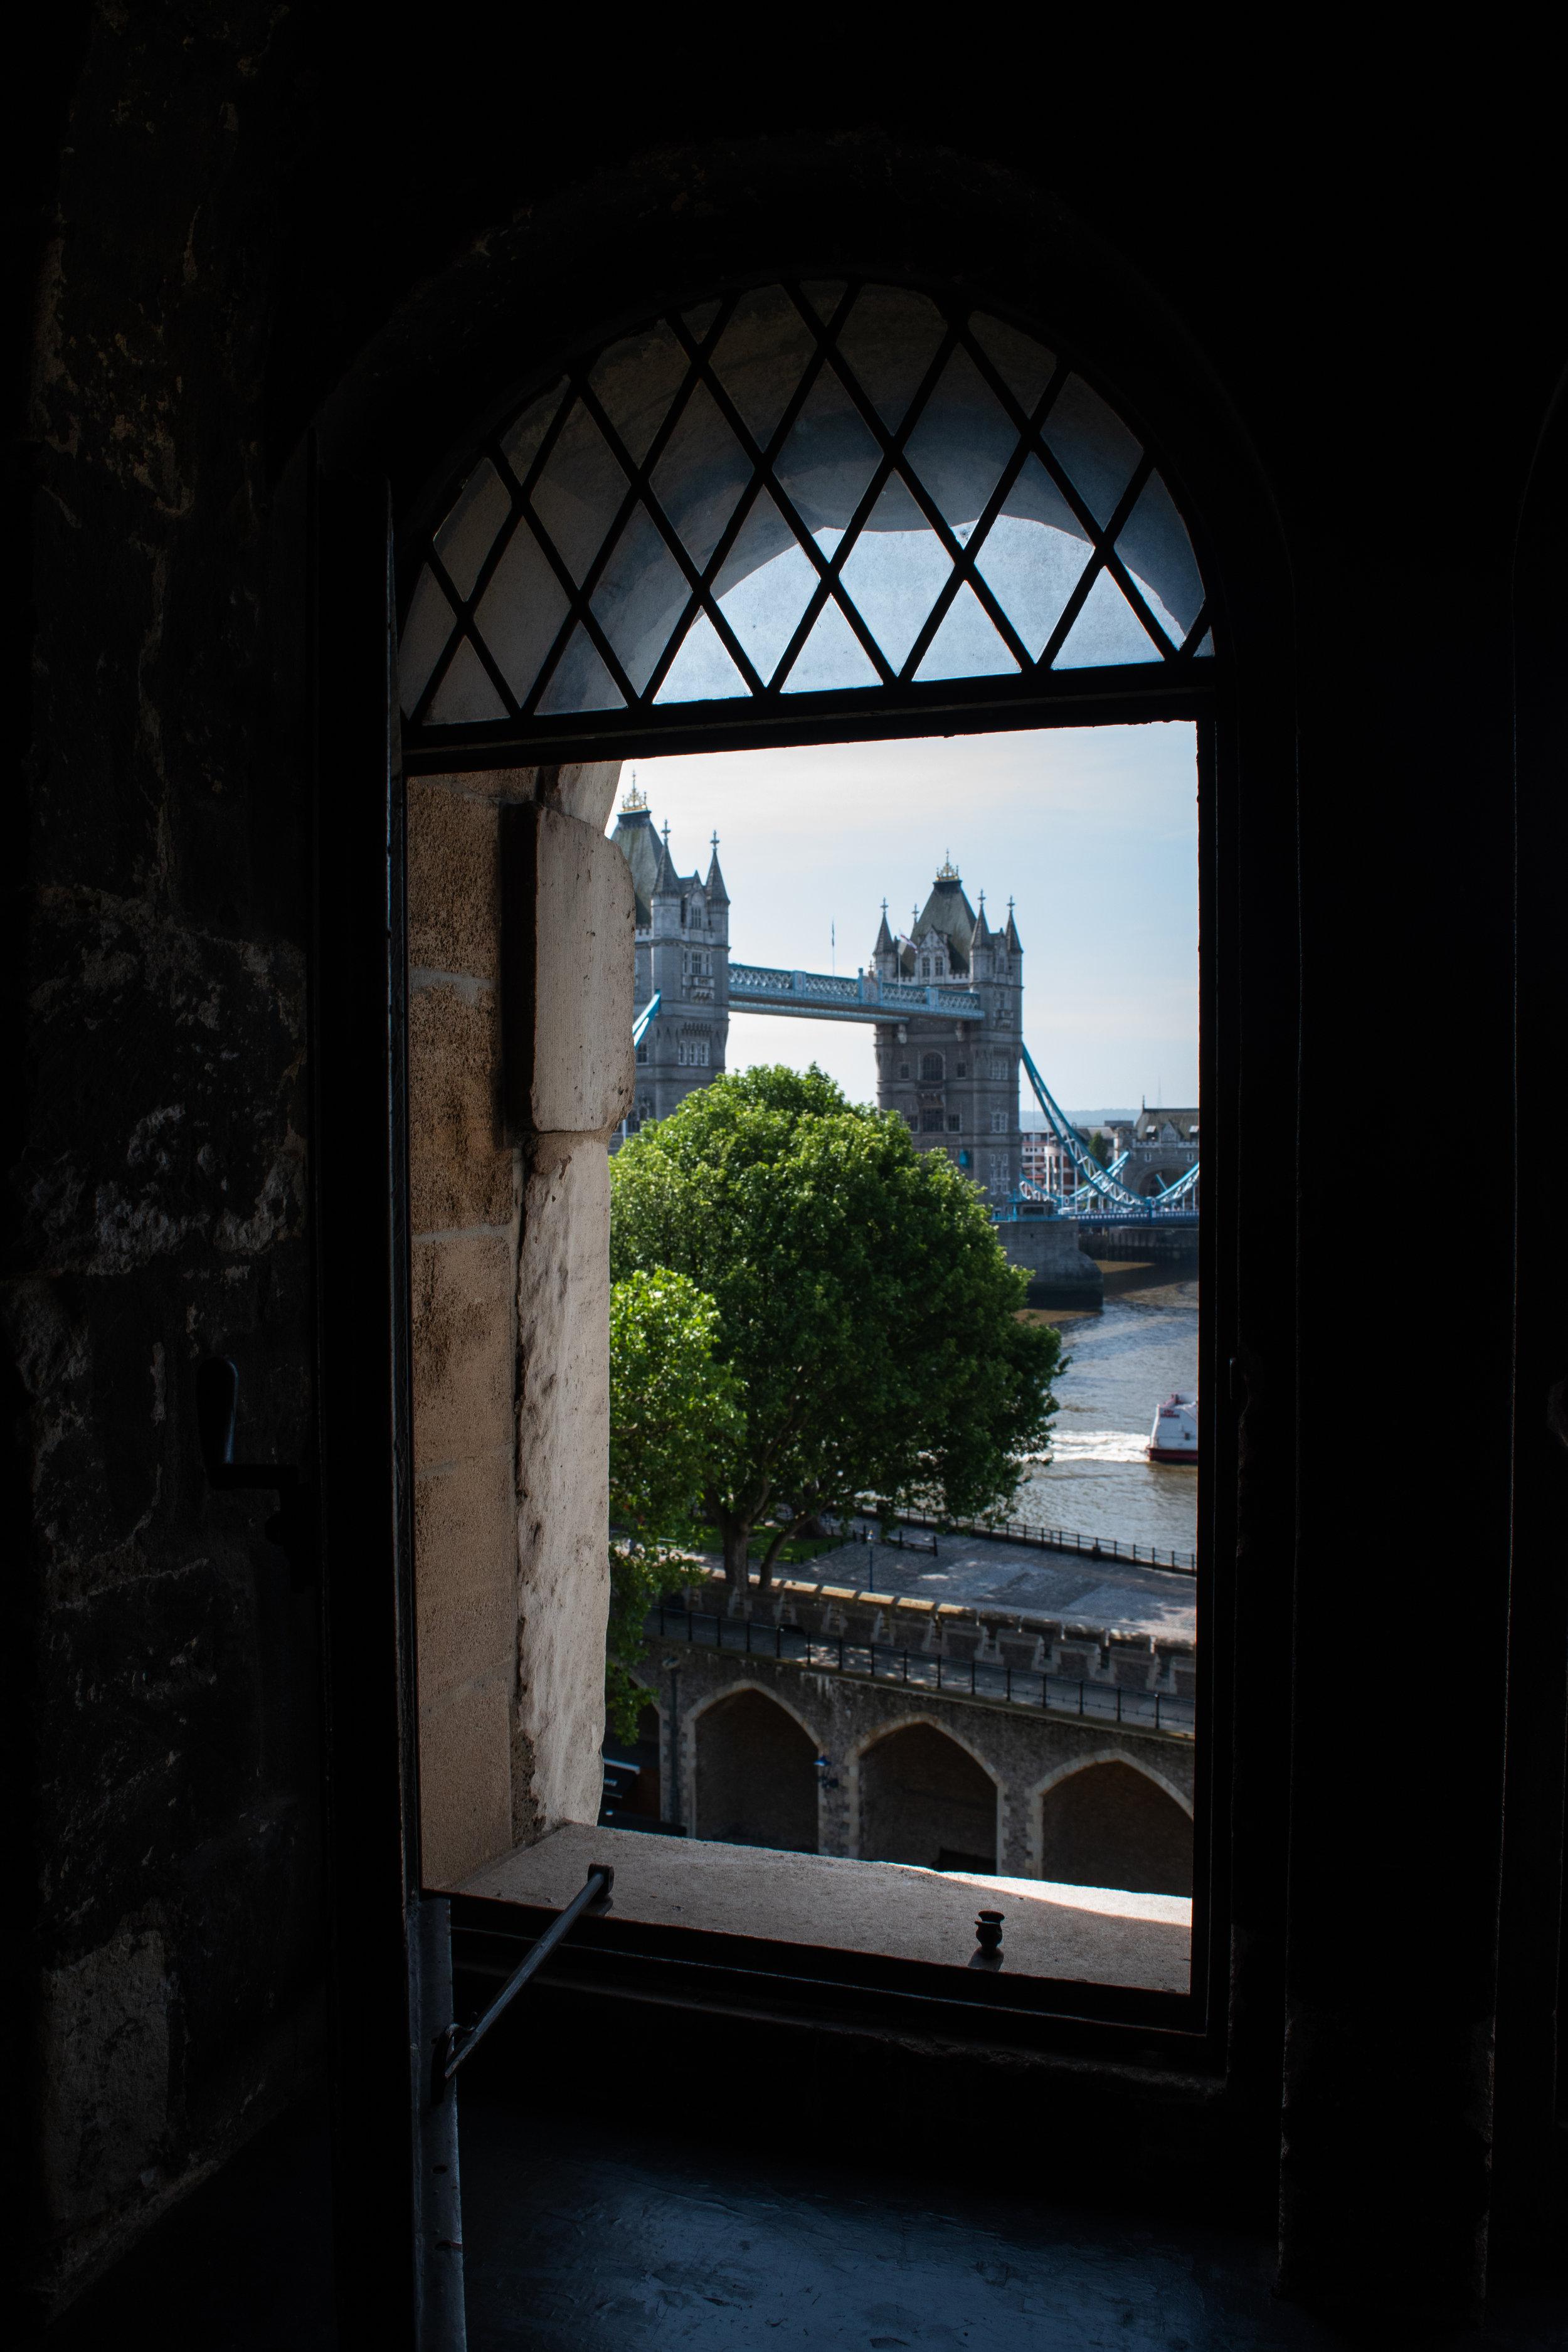 tower of london 5 jpg.jpg